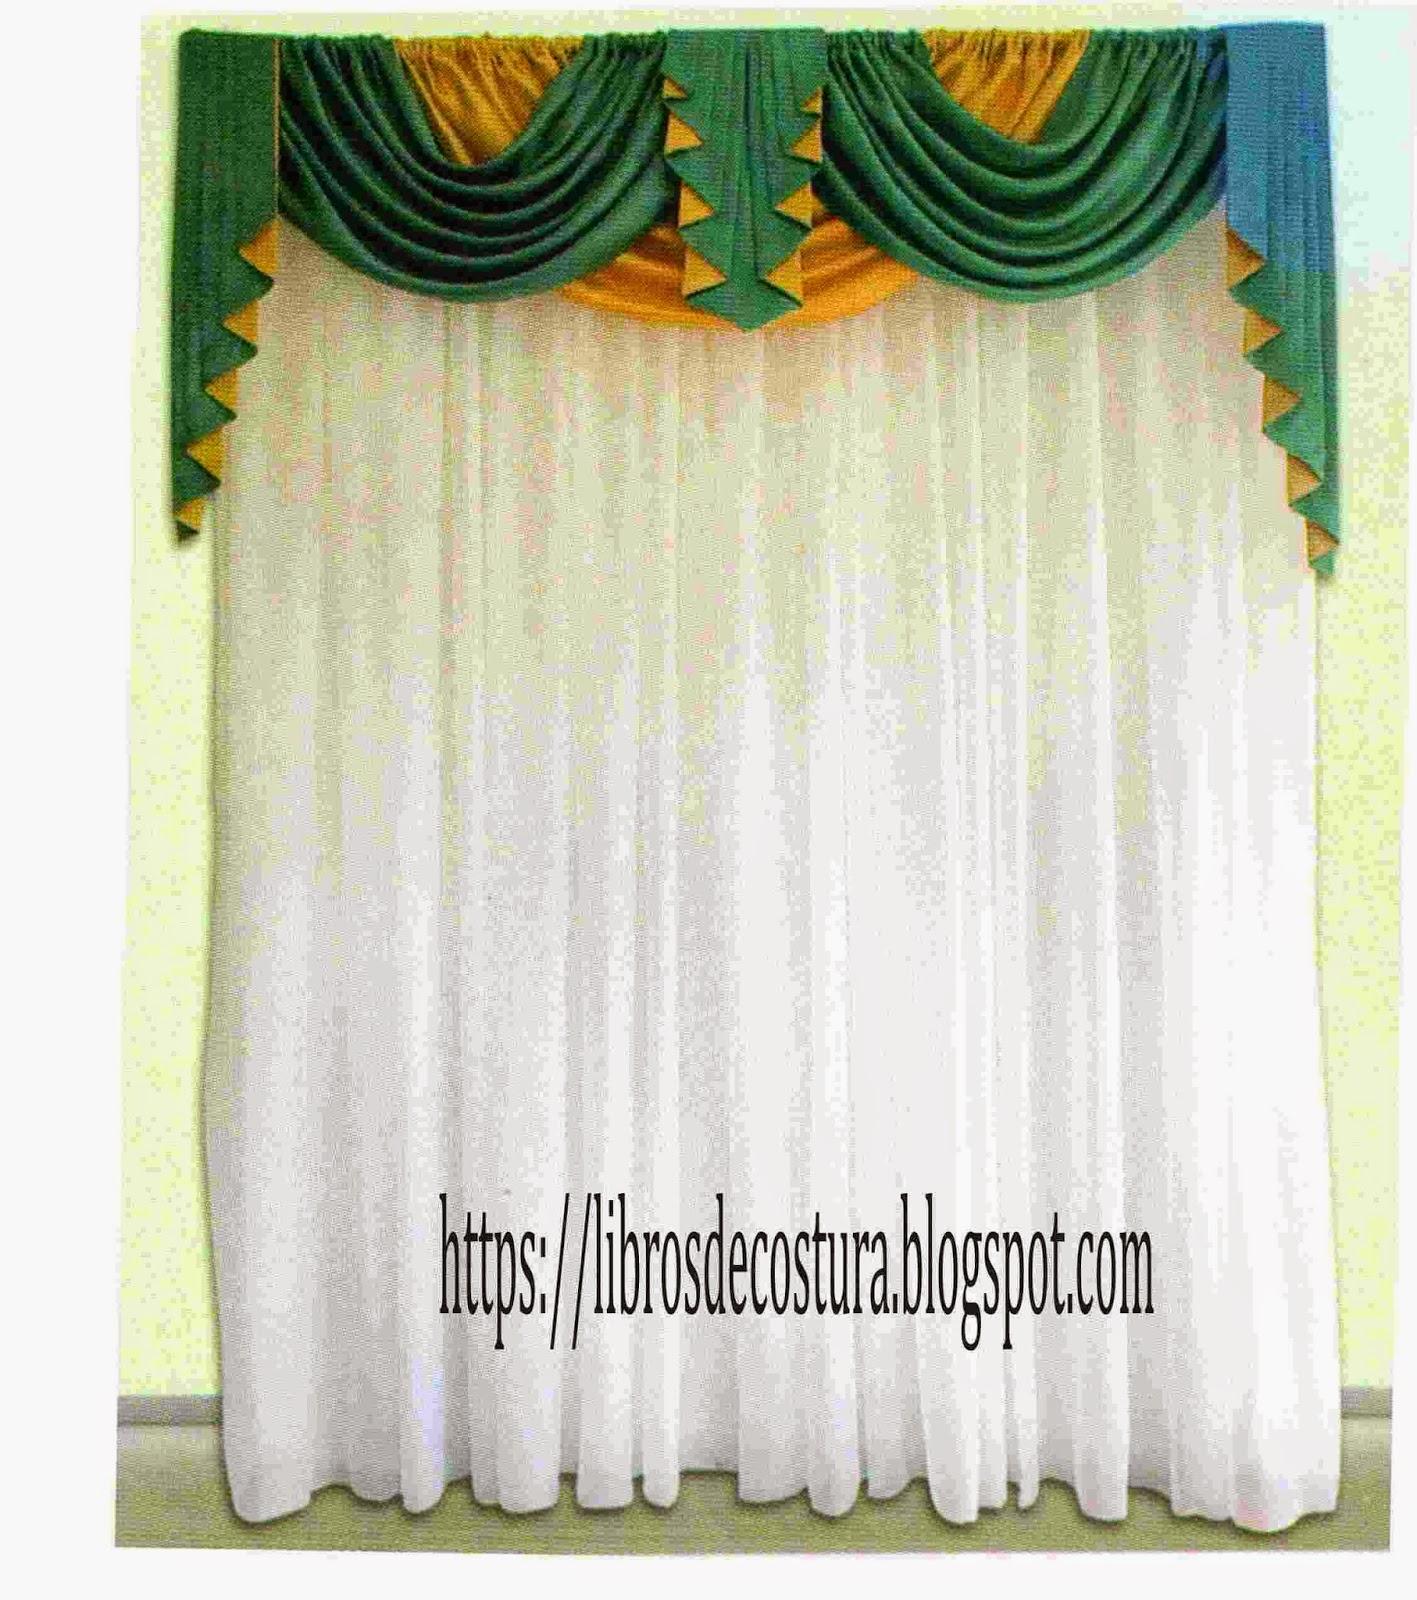 Libros de costura como hacer cortinas paso a paso for Como hacer un bando para cortinas